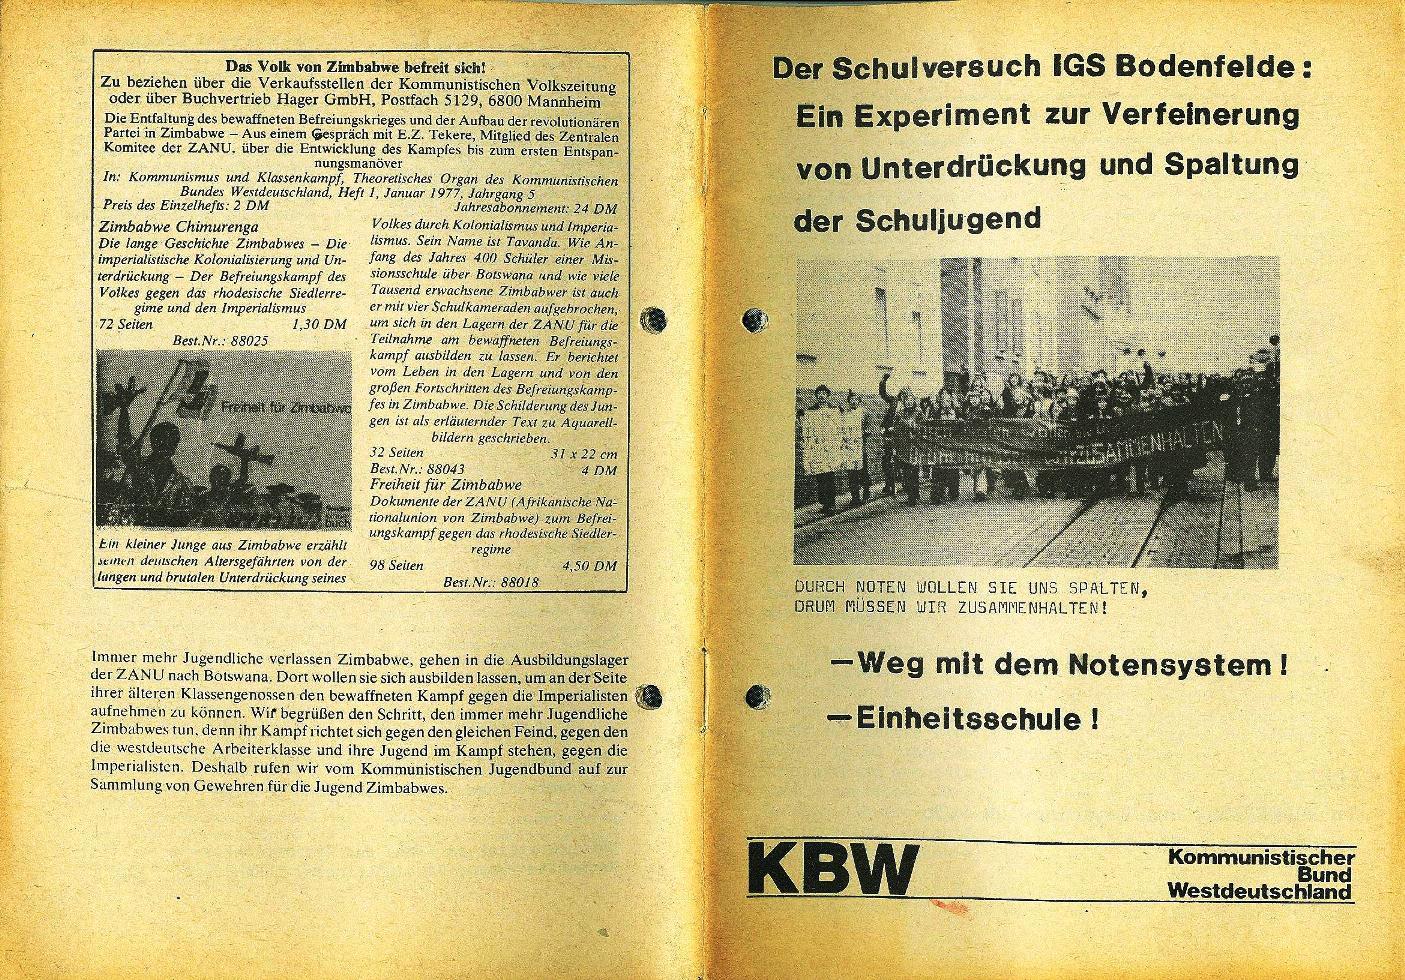 Bodenfelde001